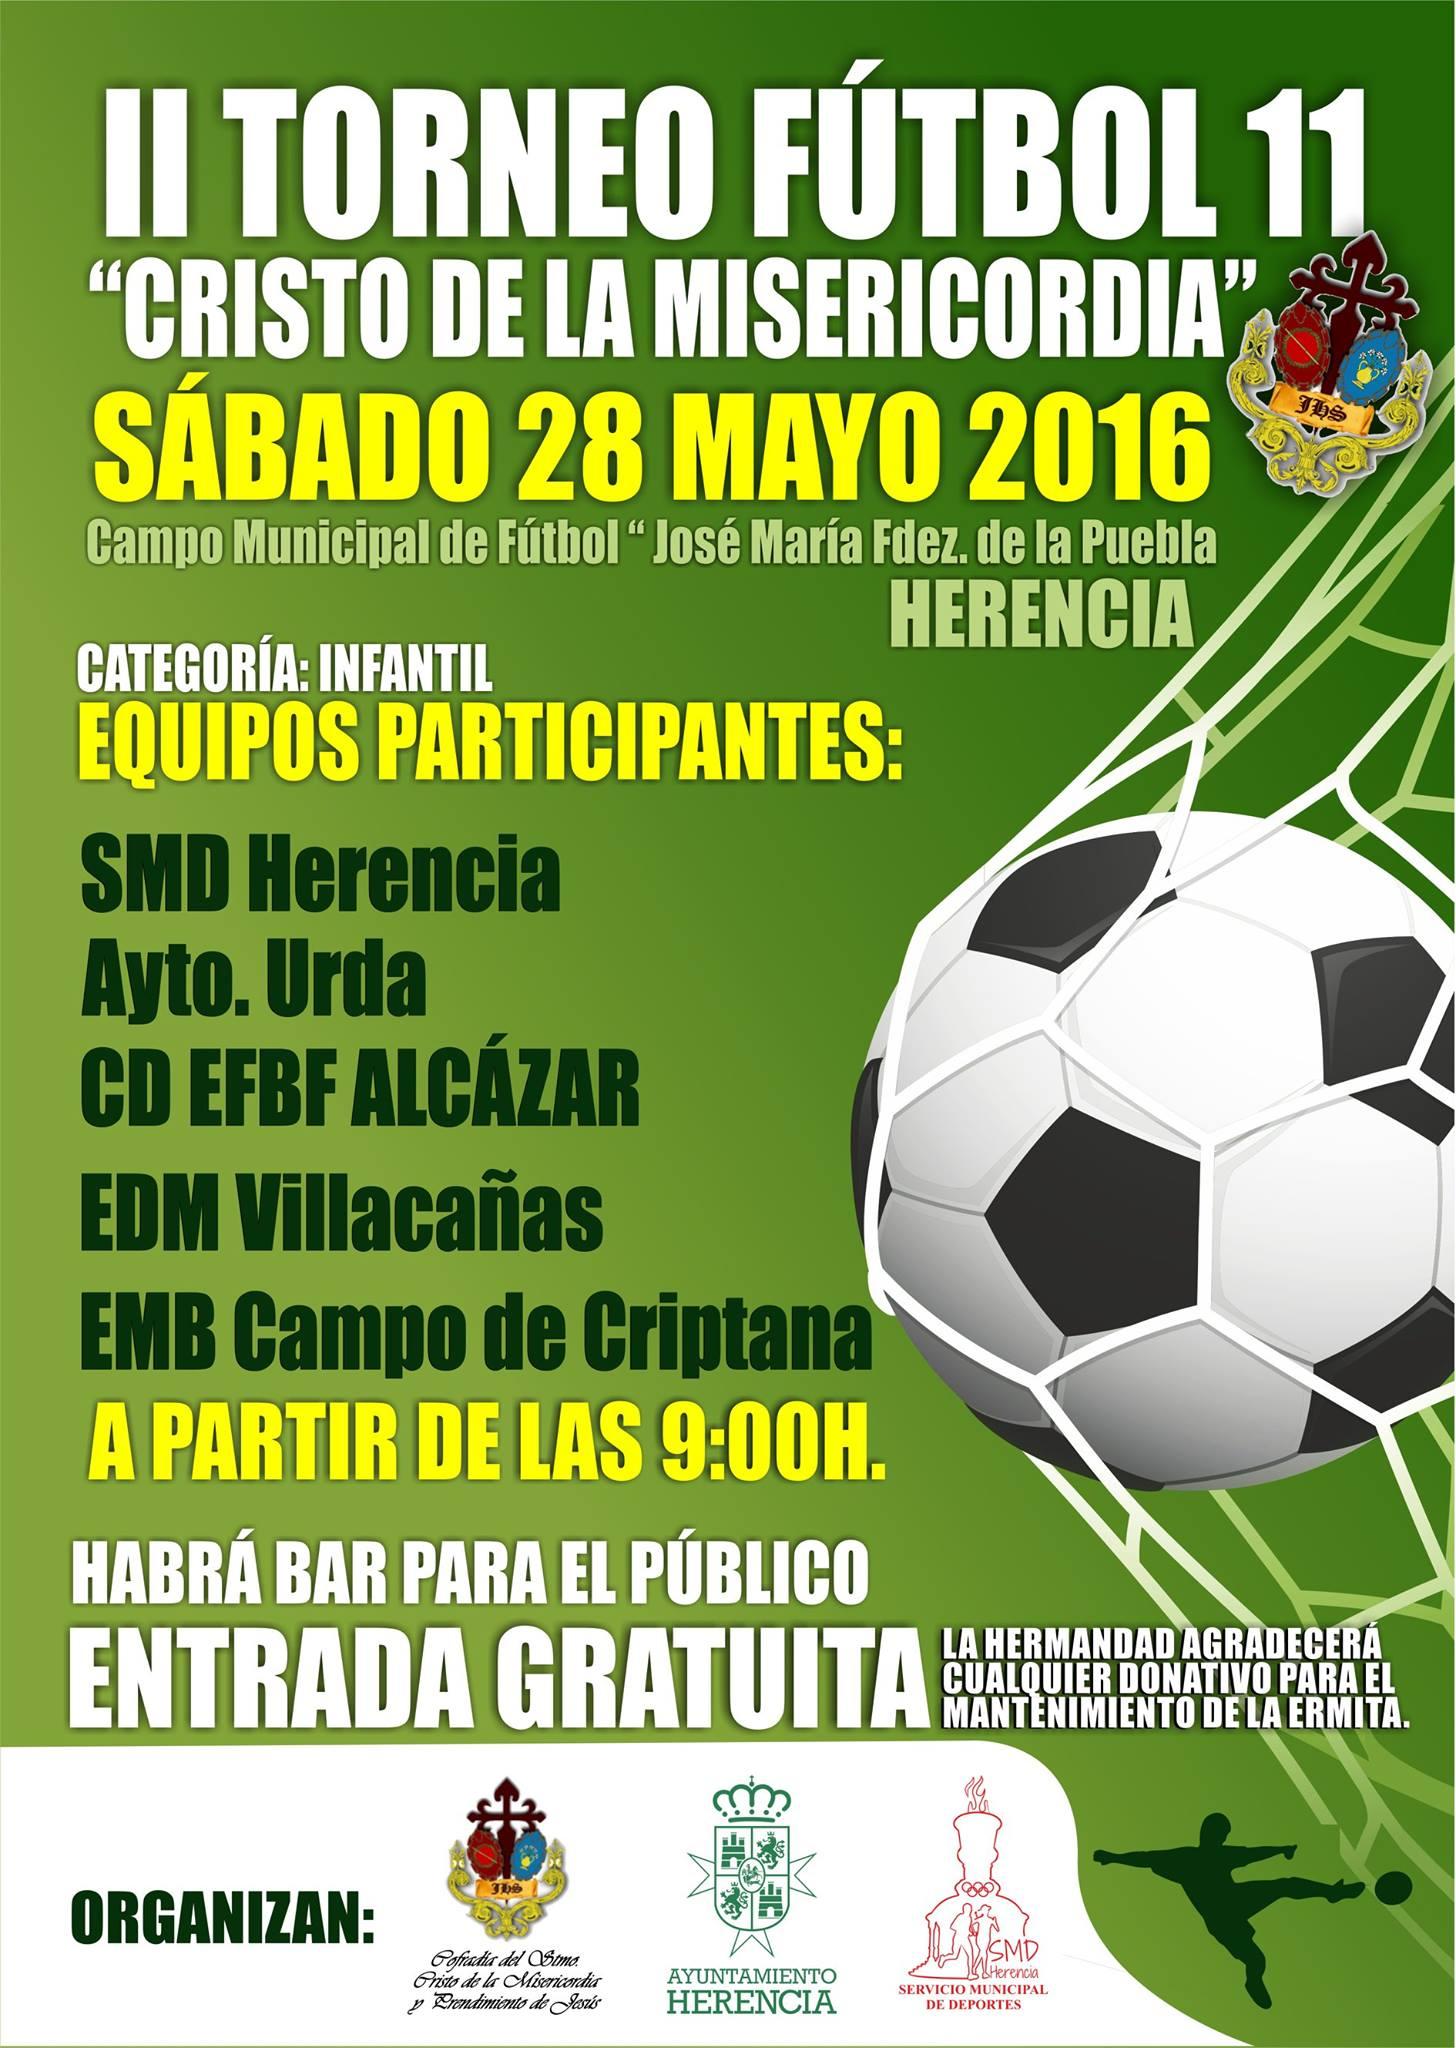 II torneo futbol 11 cristo de la misericodia herencia